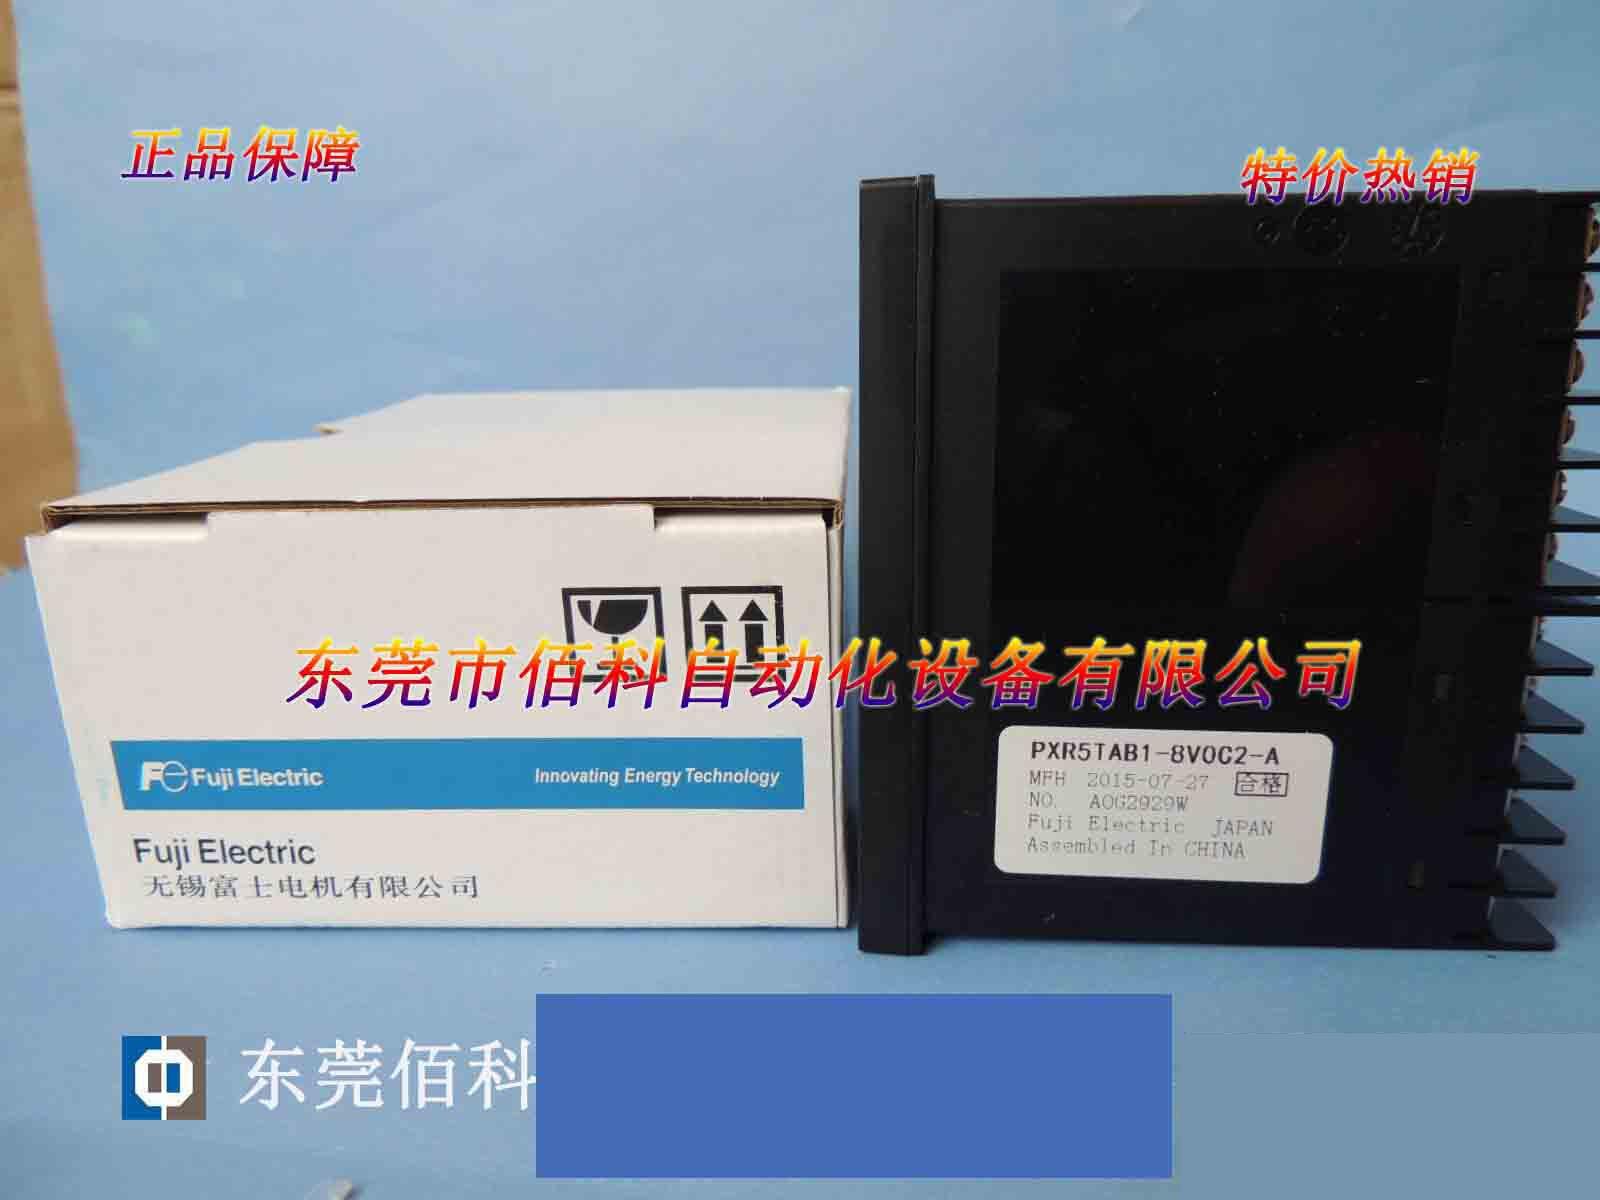 New fuji thermostat PXR5TAB1-8V0C2-ANew fuji thermostat PXR5TAB1-8V0C2-A